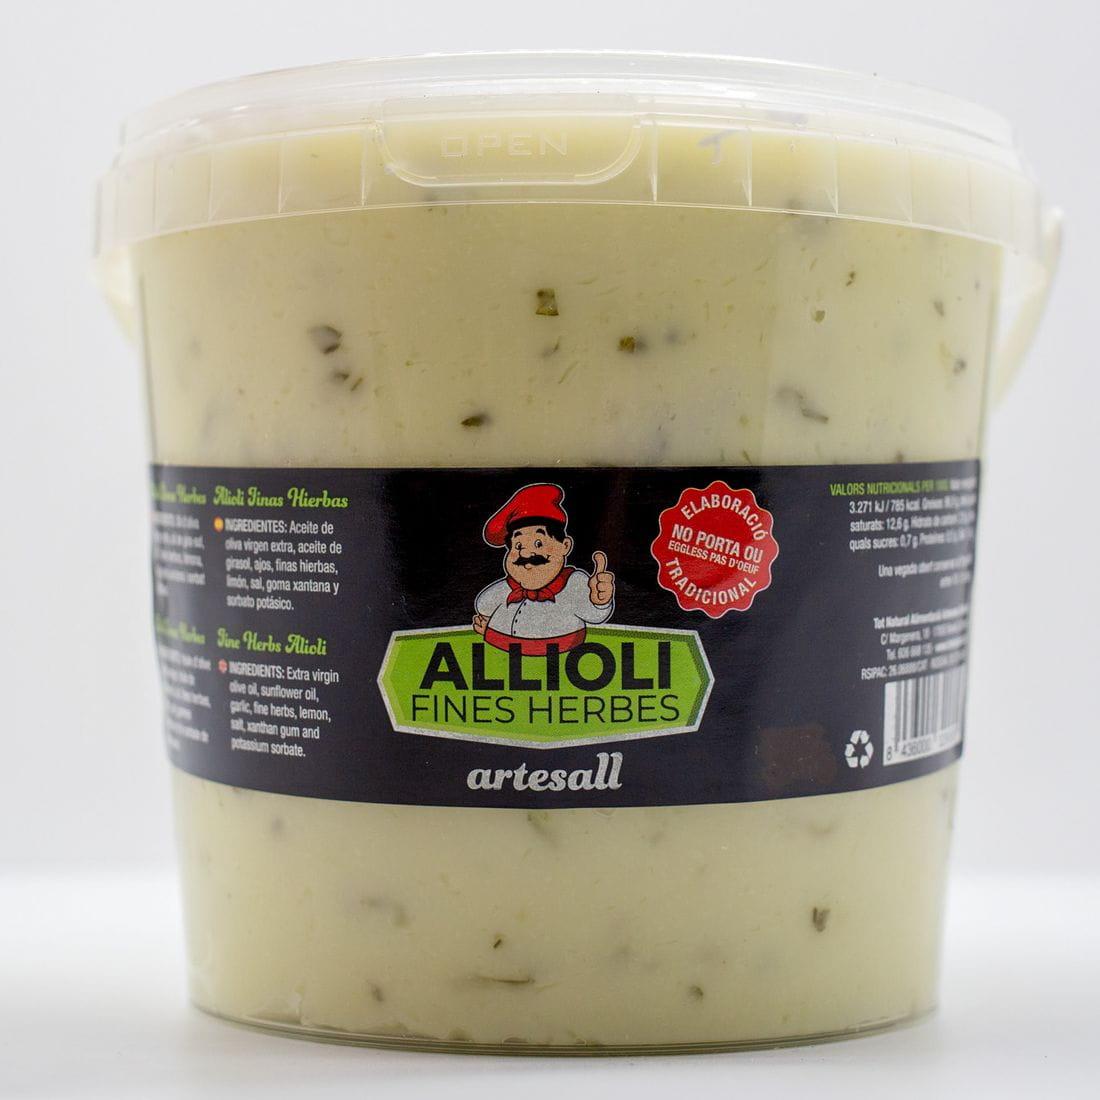 Allioli Artesall a les Fines Herbes